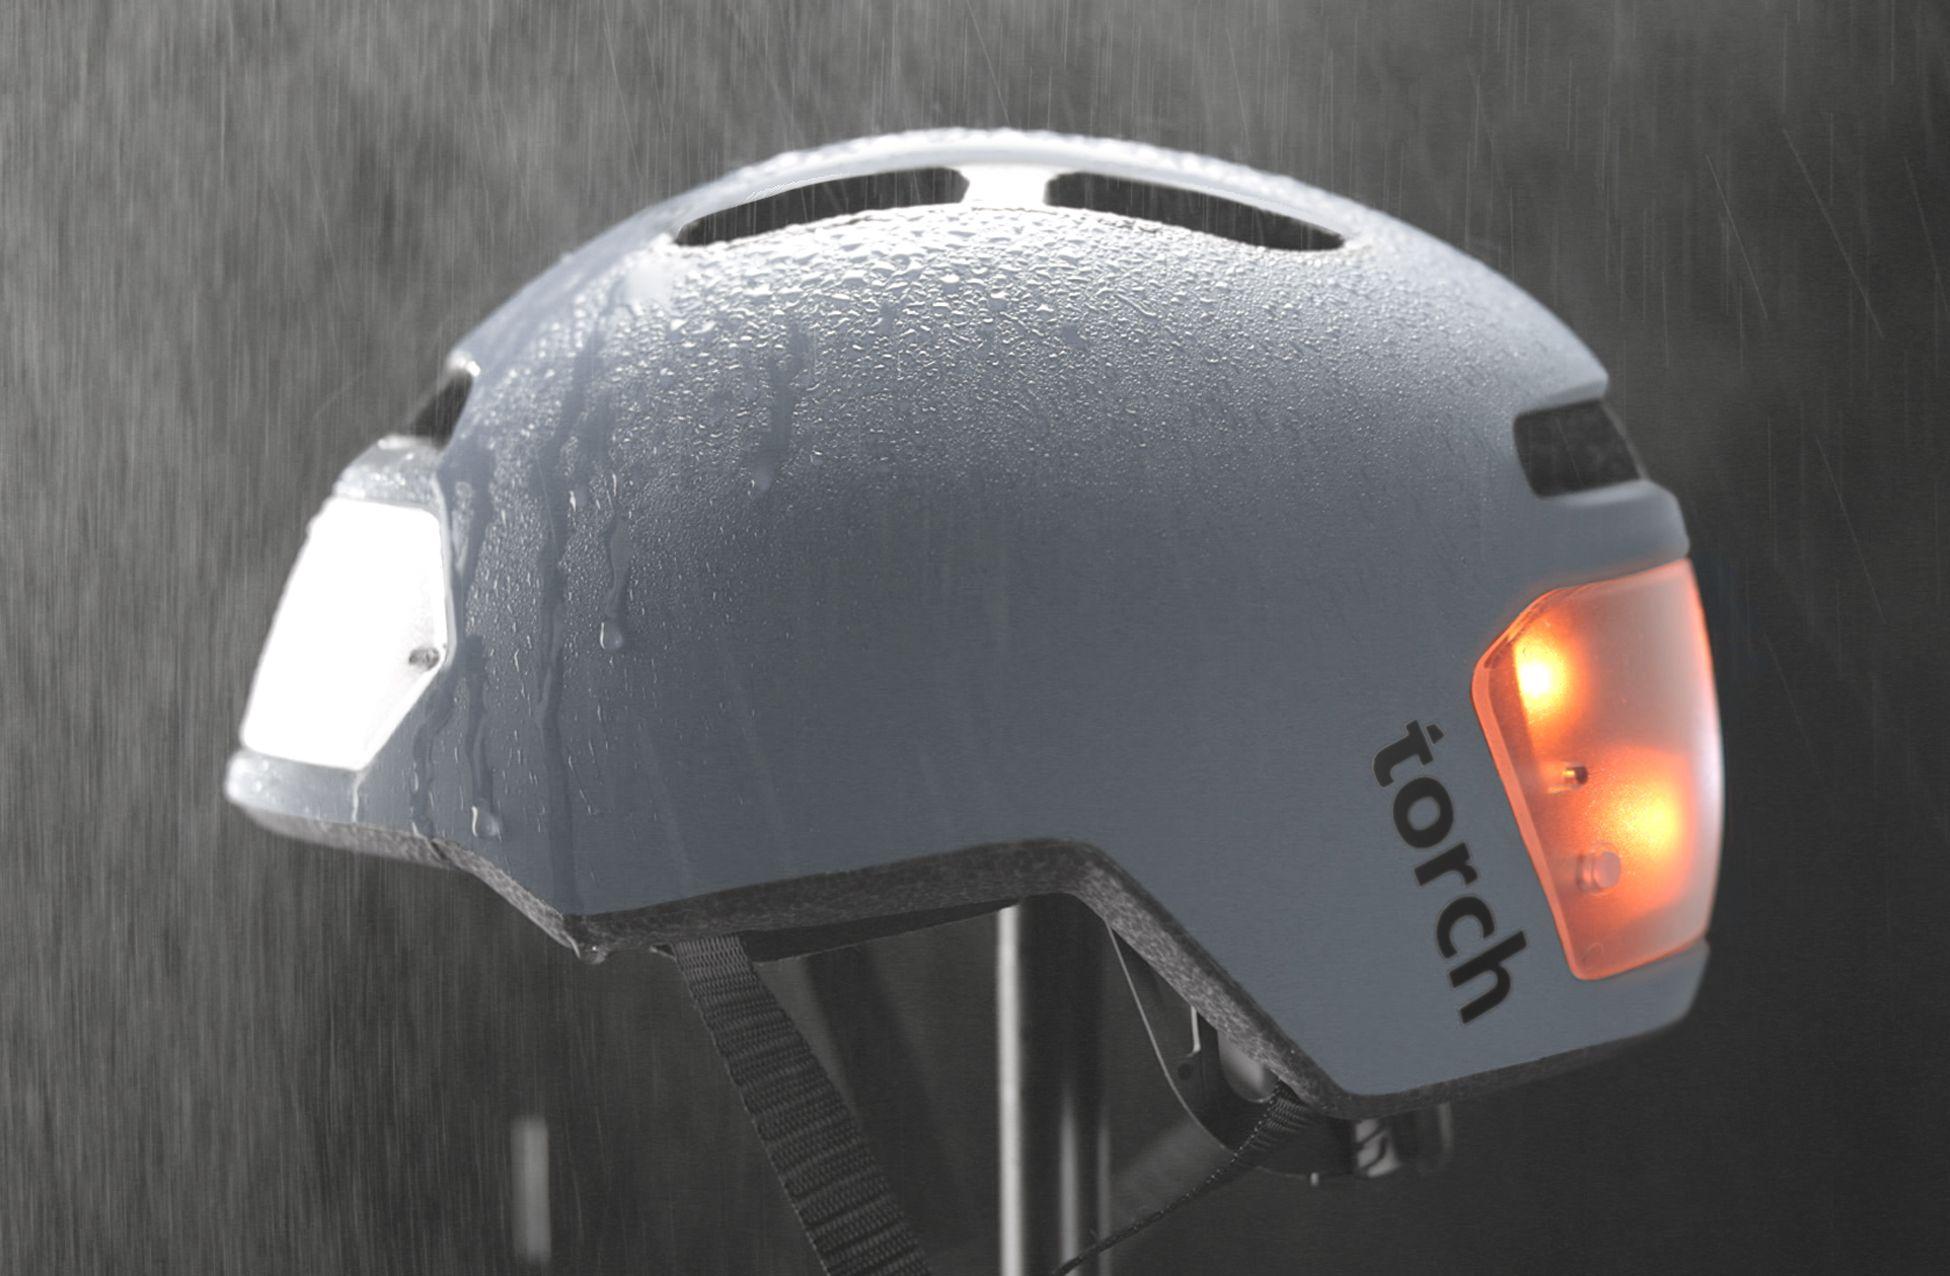 mejores accesorios para la seguridad del ciclista